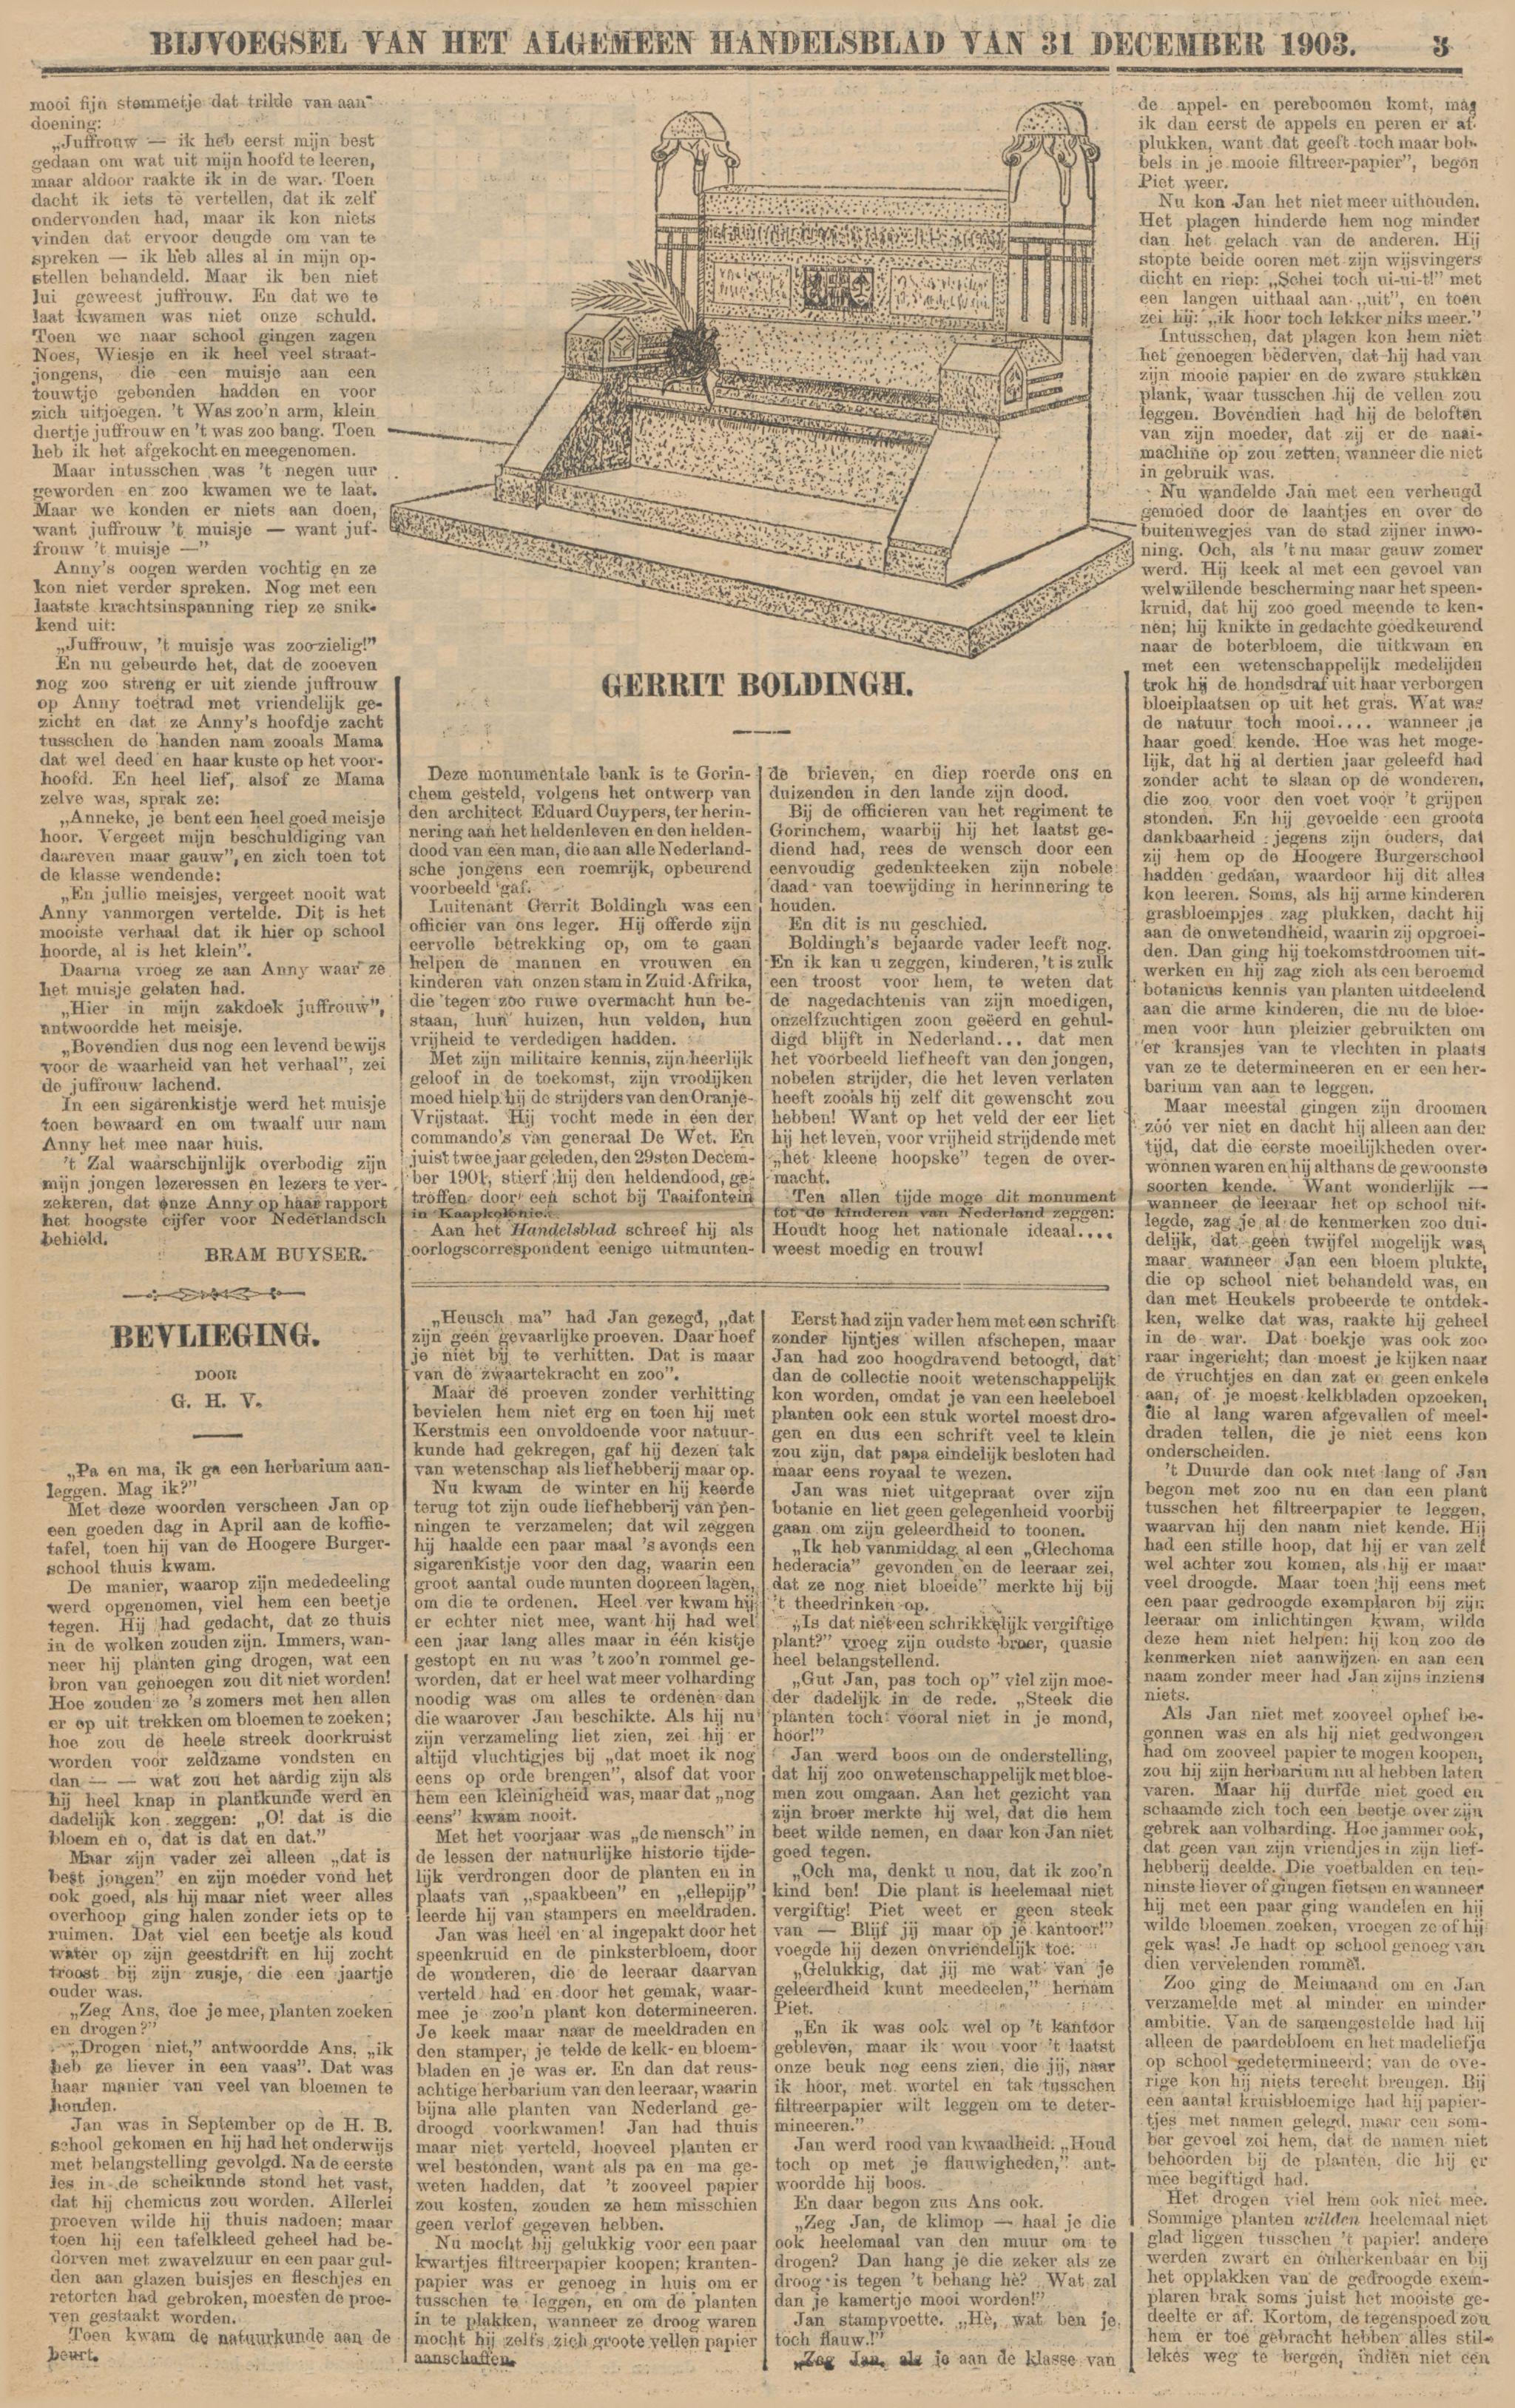 Algemeen Handelsblad 31-12-1903